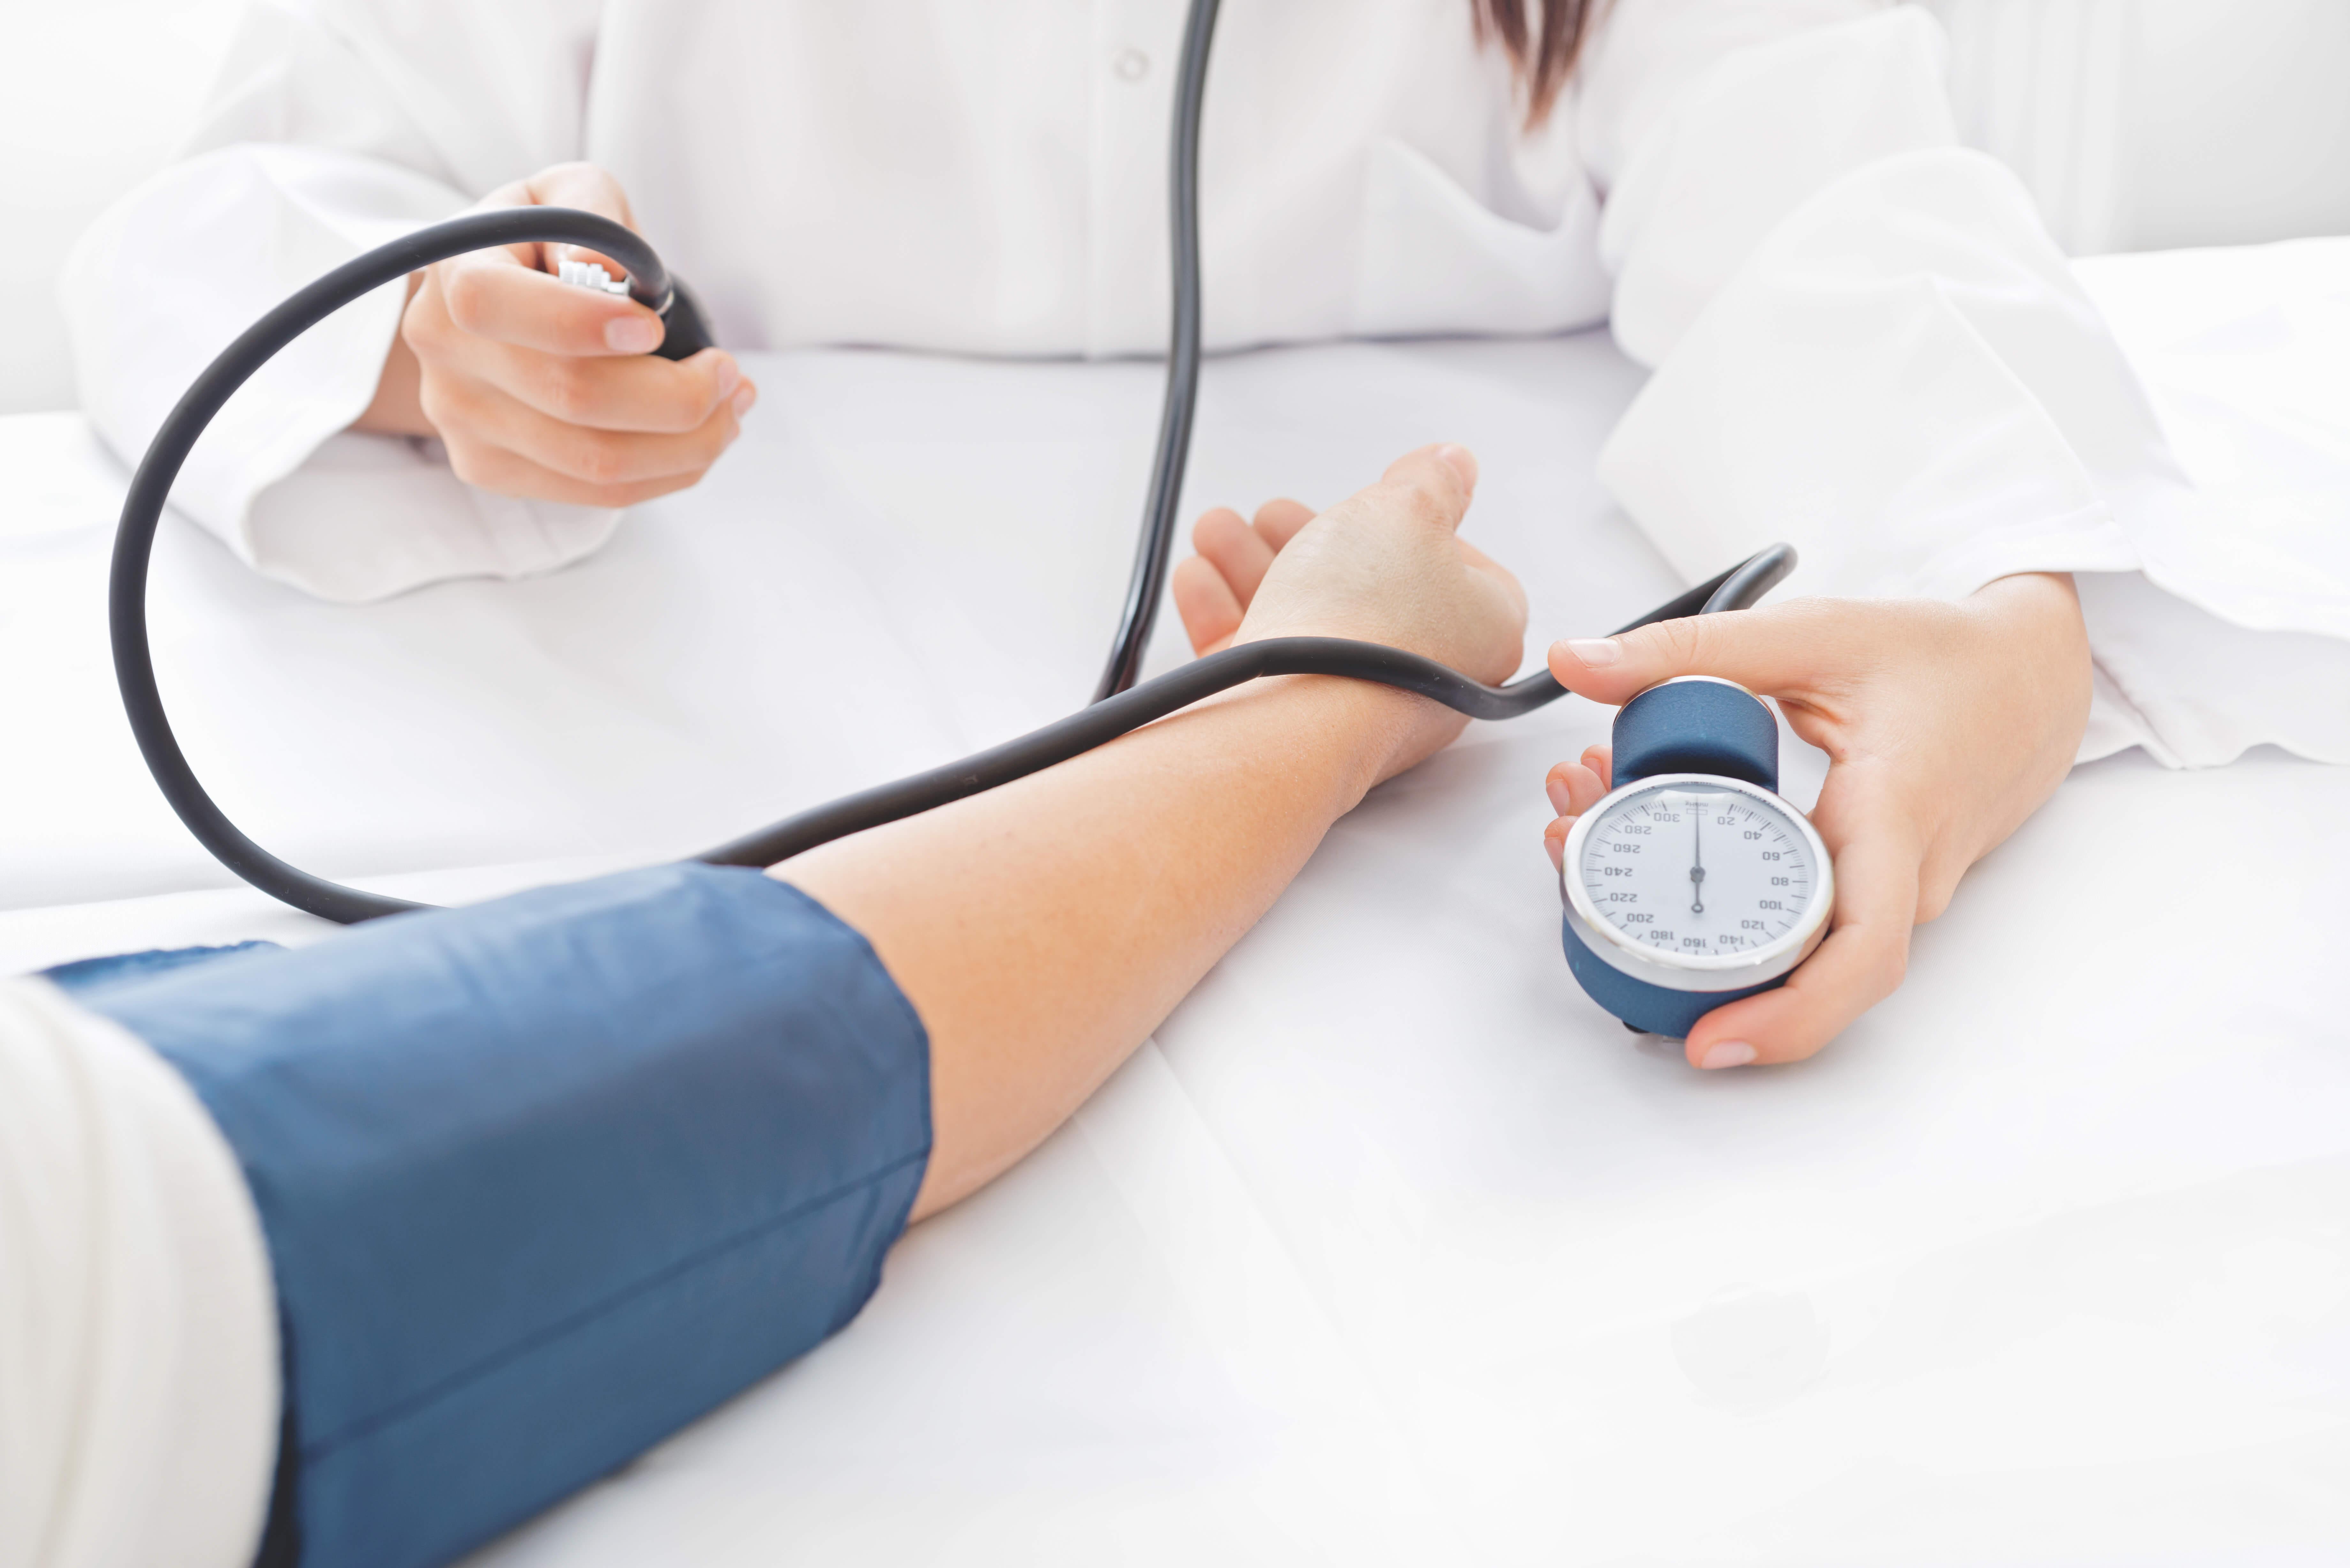 Reducir-la-presión-arterial